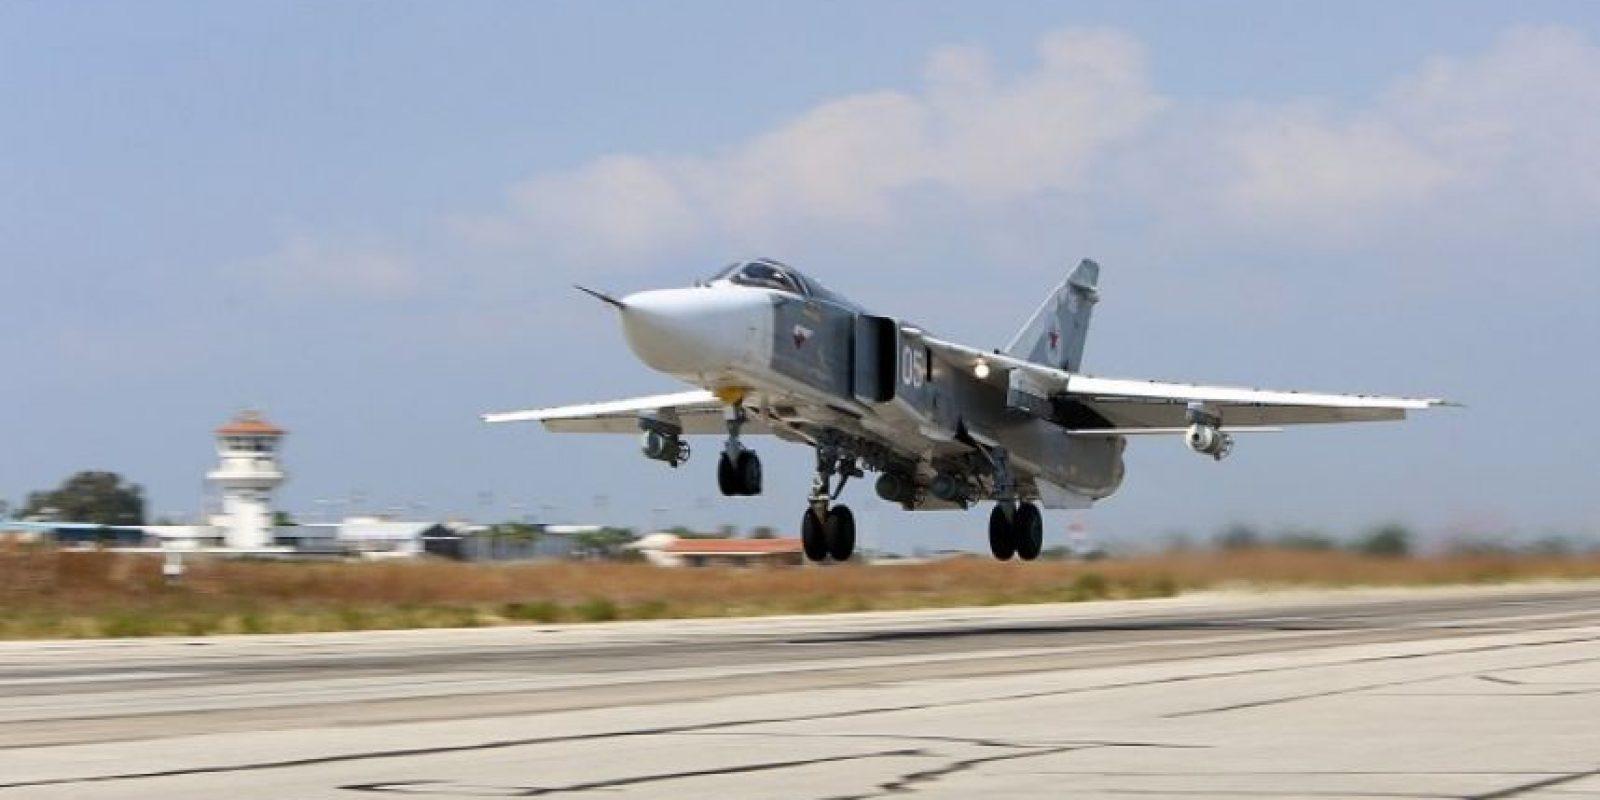 Este es un modelo similar al avión derribado Foto:AFP